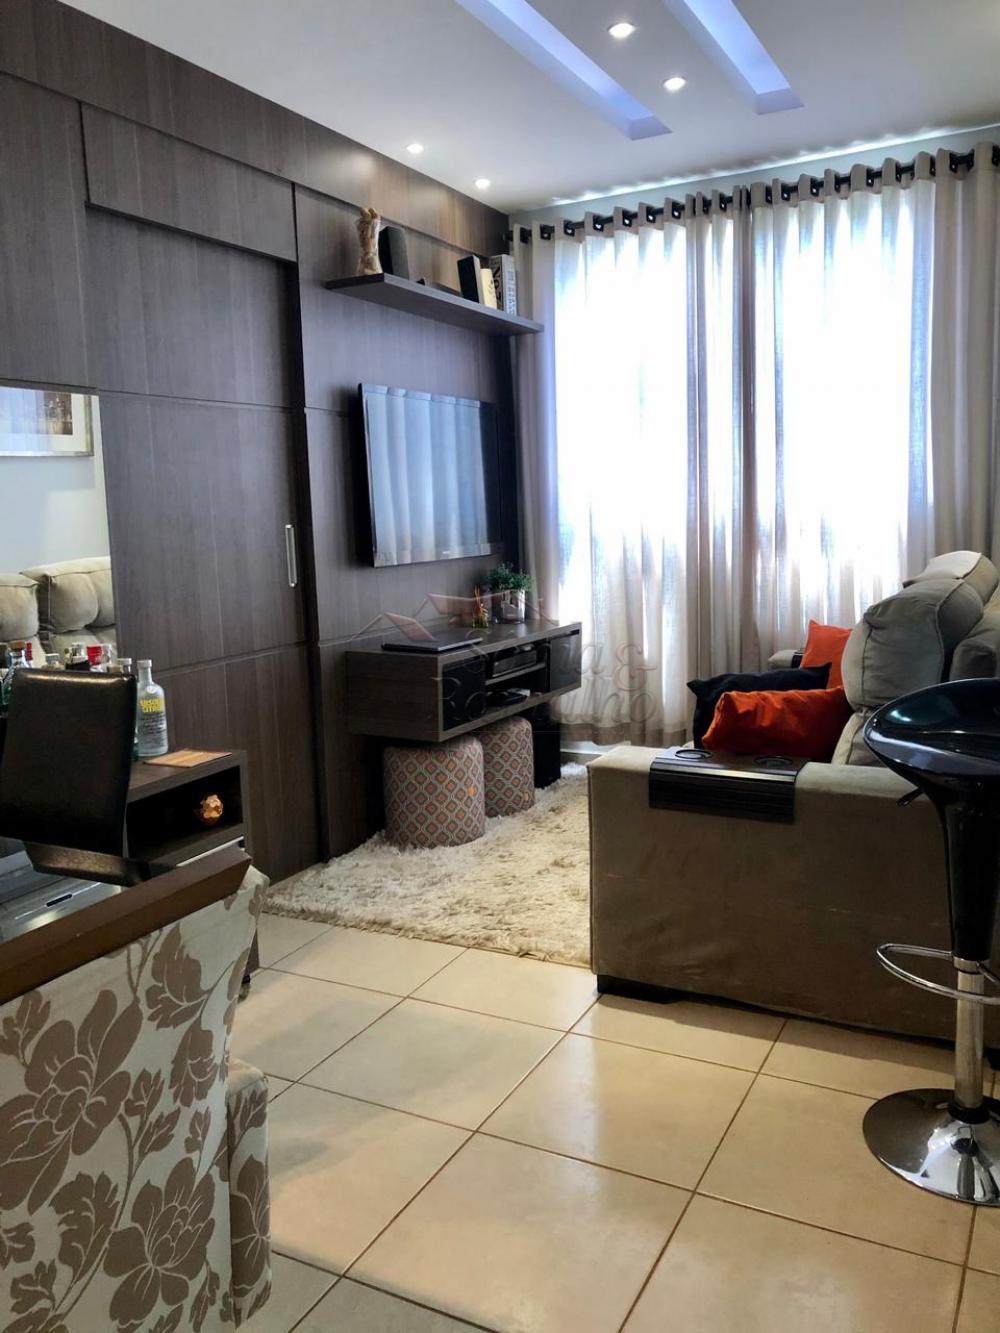 Comprar Apartamentos / Padrão em Ribeirão Preto R$ 229.000,00 - Foto 1